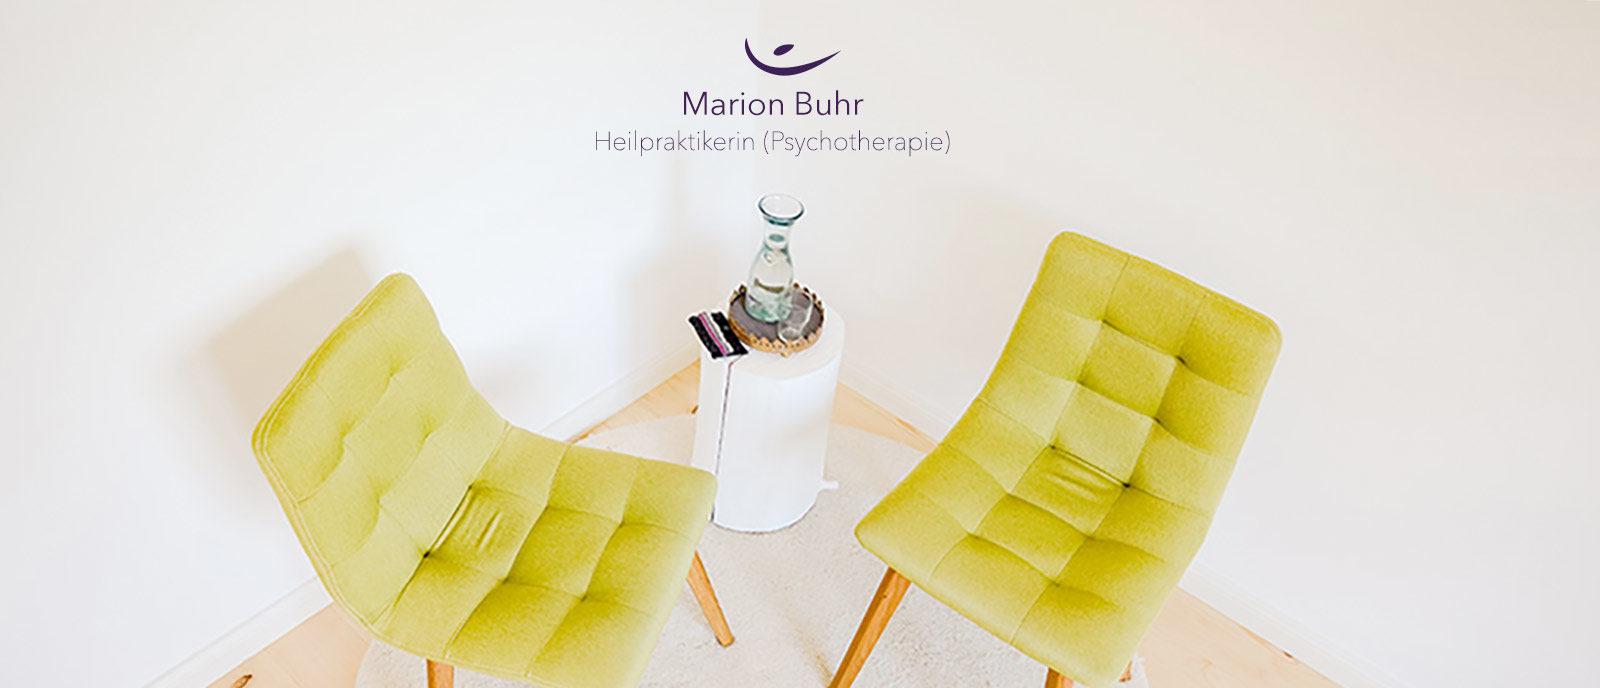 Willkommen bei Marion Buhr - Heilpraktikerin für Psychotherapie (HPG)